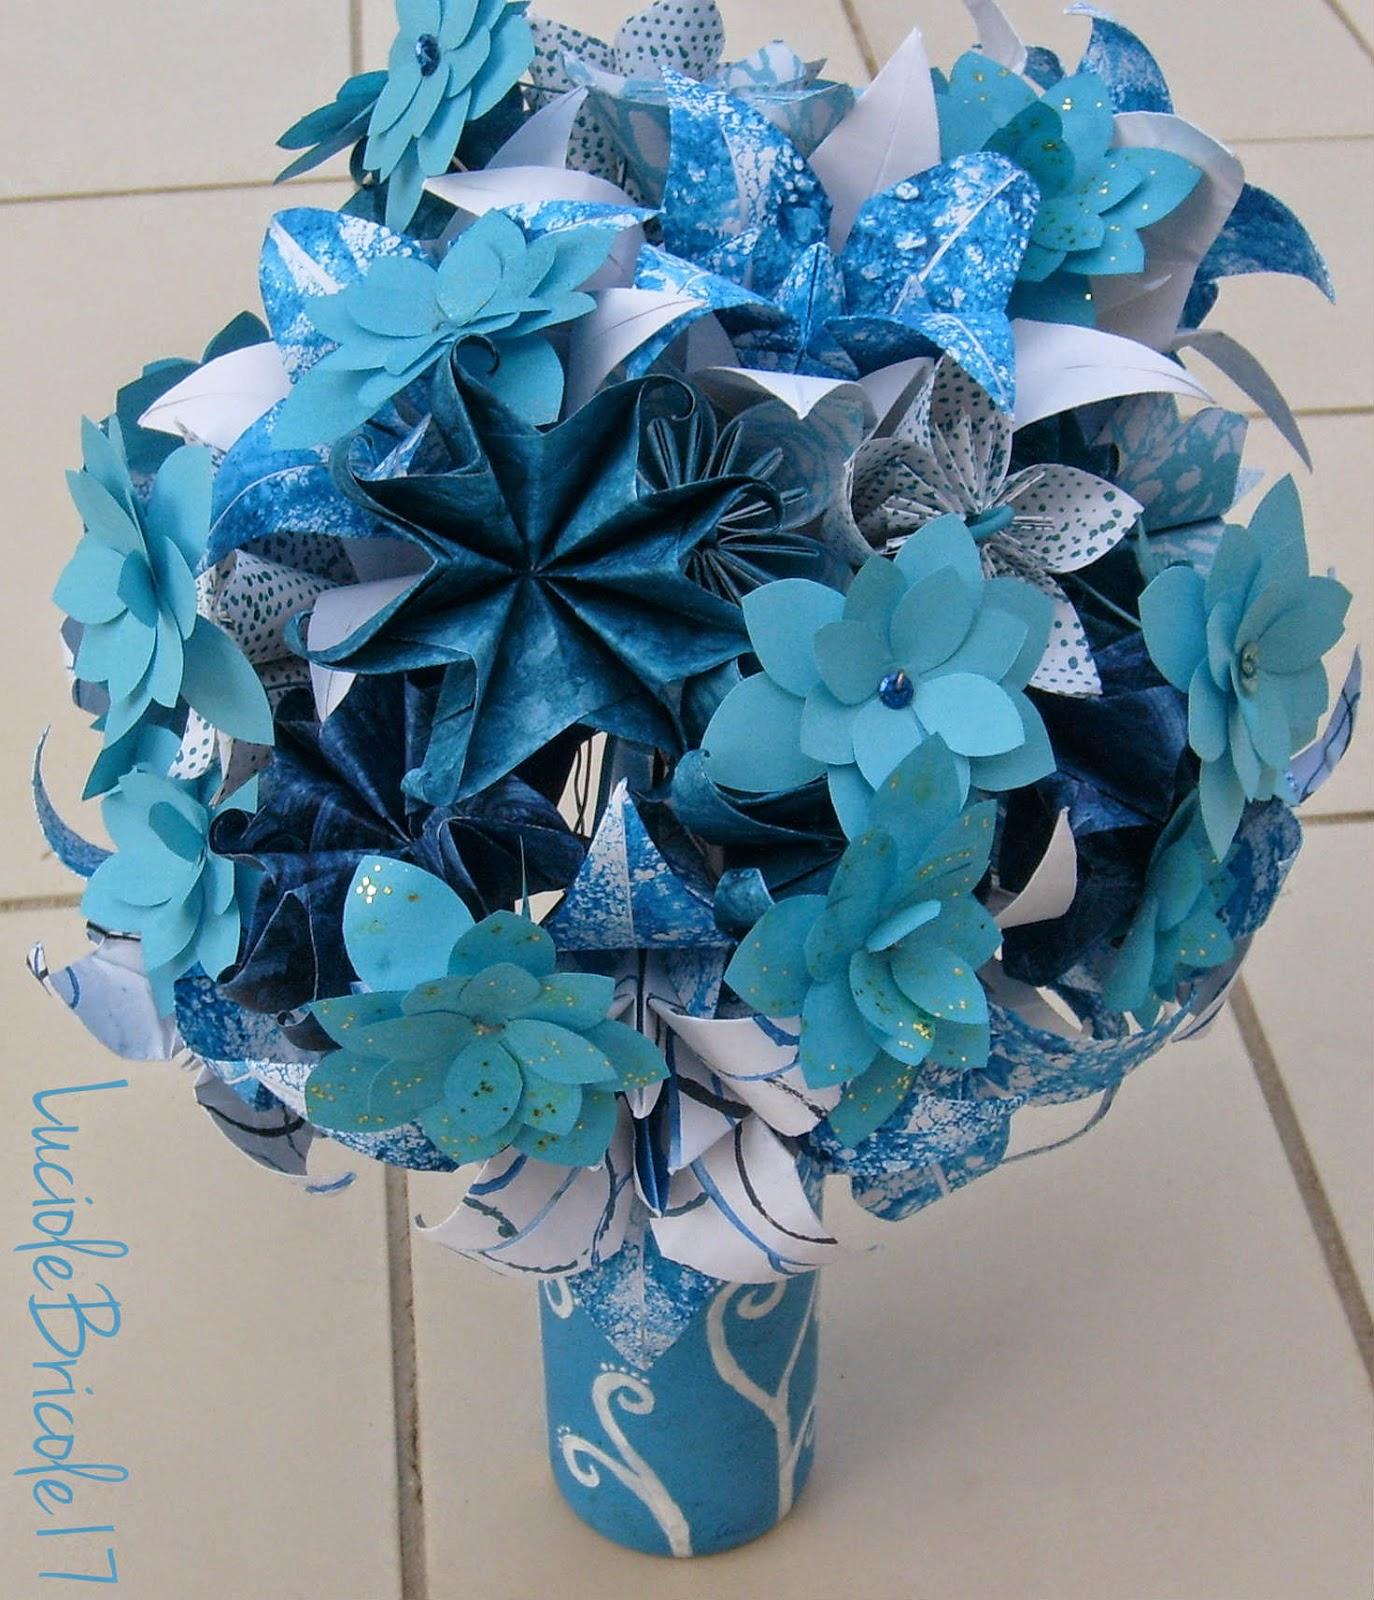 luciole bricole 17 bouquet bleu en origami blue origami flower bouquet. Black Bedroom Furniture Sets. Home Design Ideas